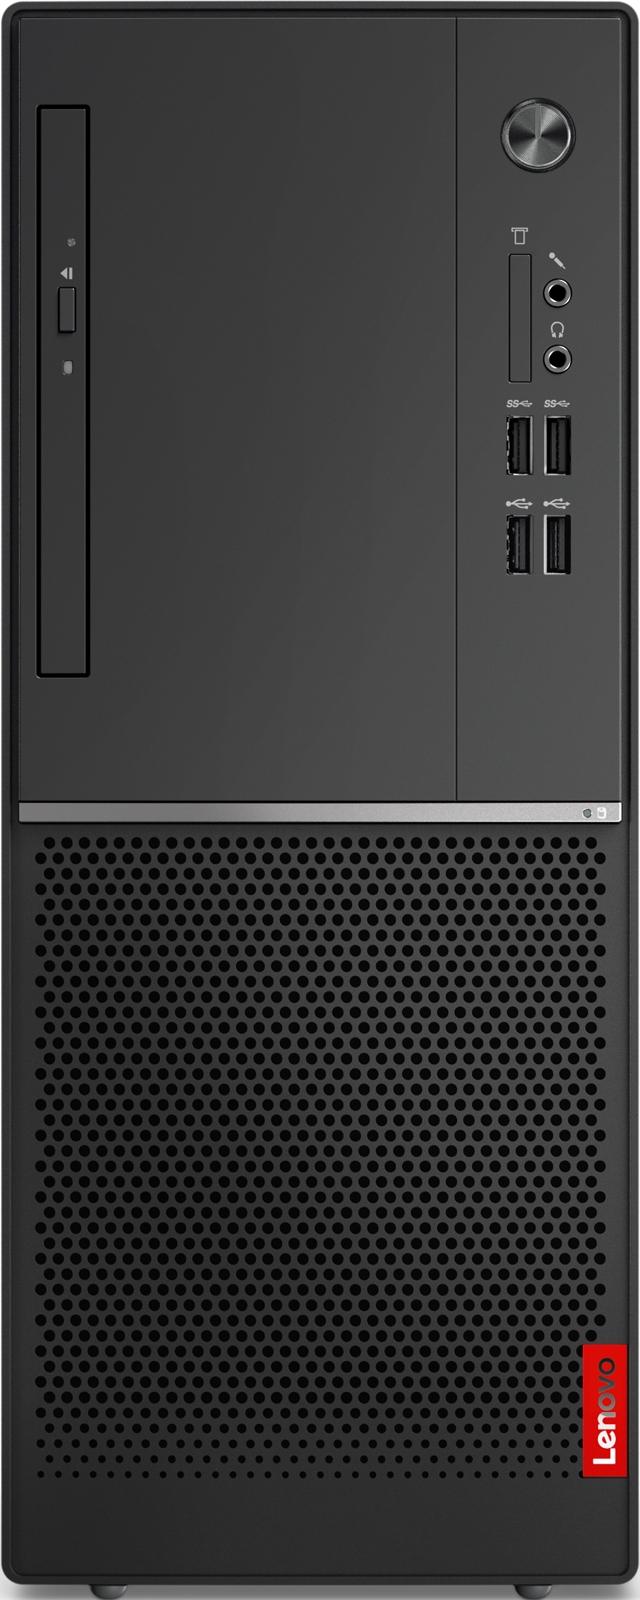 Системный блок Lenovo V330-15IGM MT, 10TS0007RU, черный системный блок lenovo legion t530 28icb 90jl007jrs черный